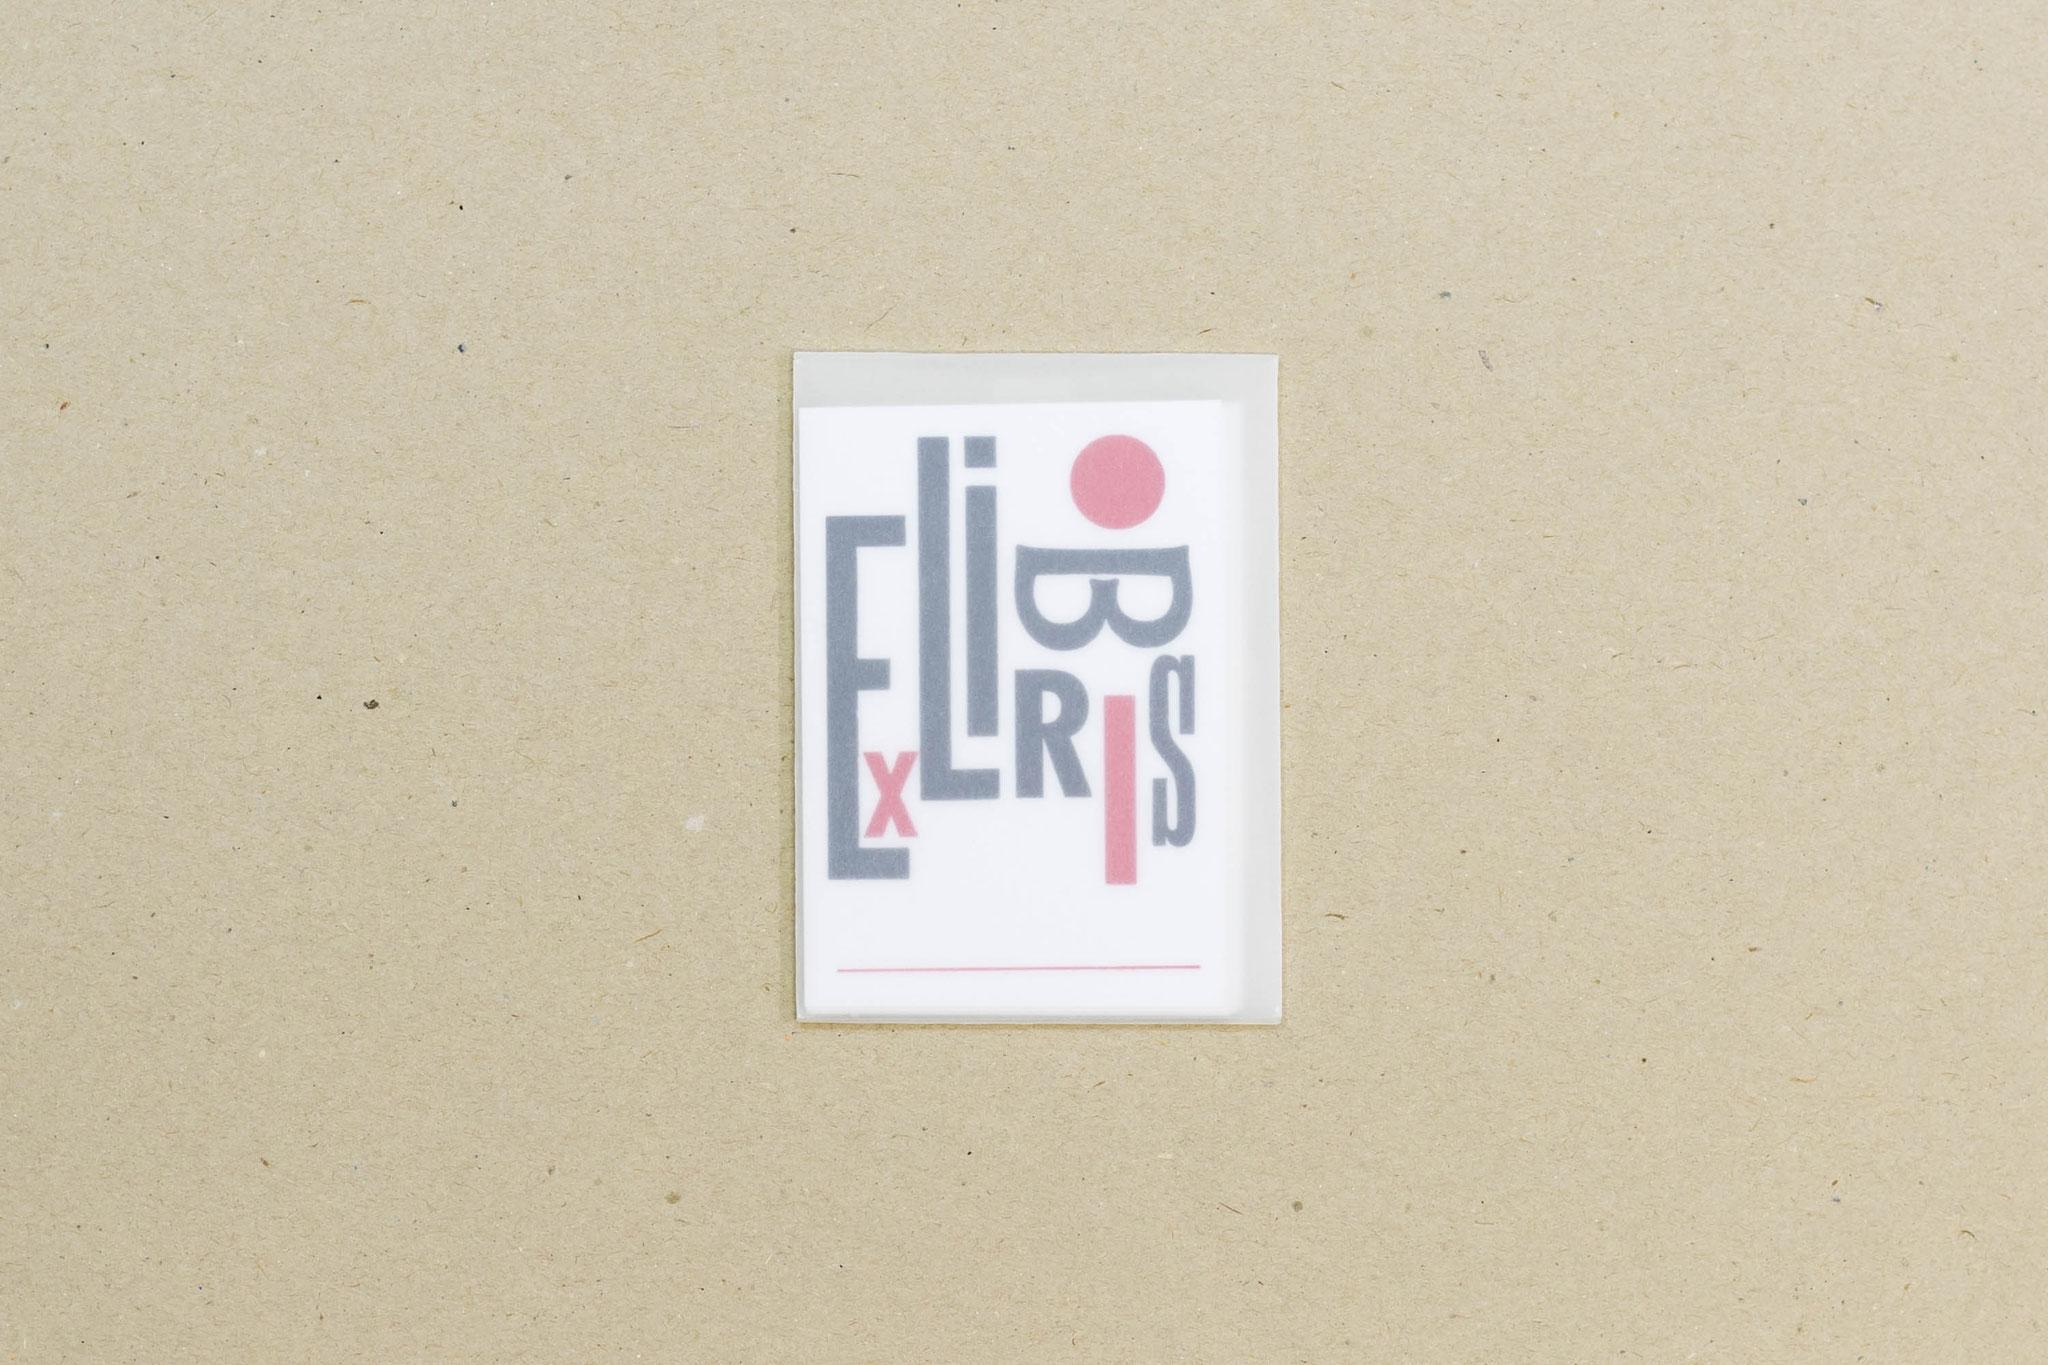 1. Ex-Libris